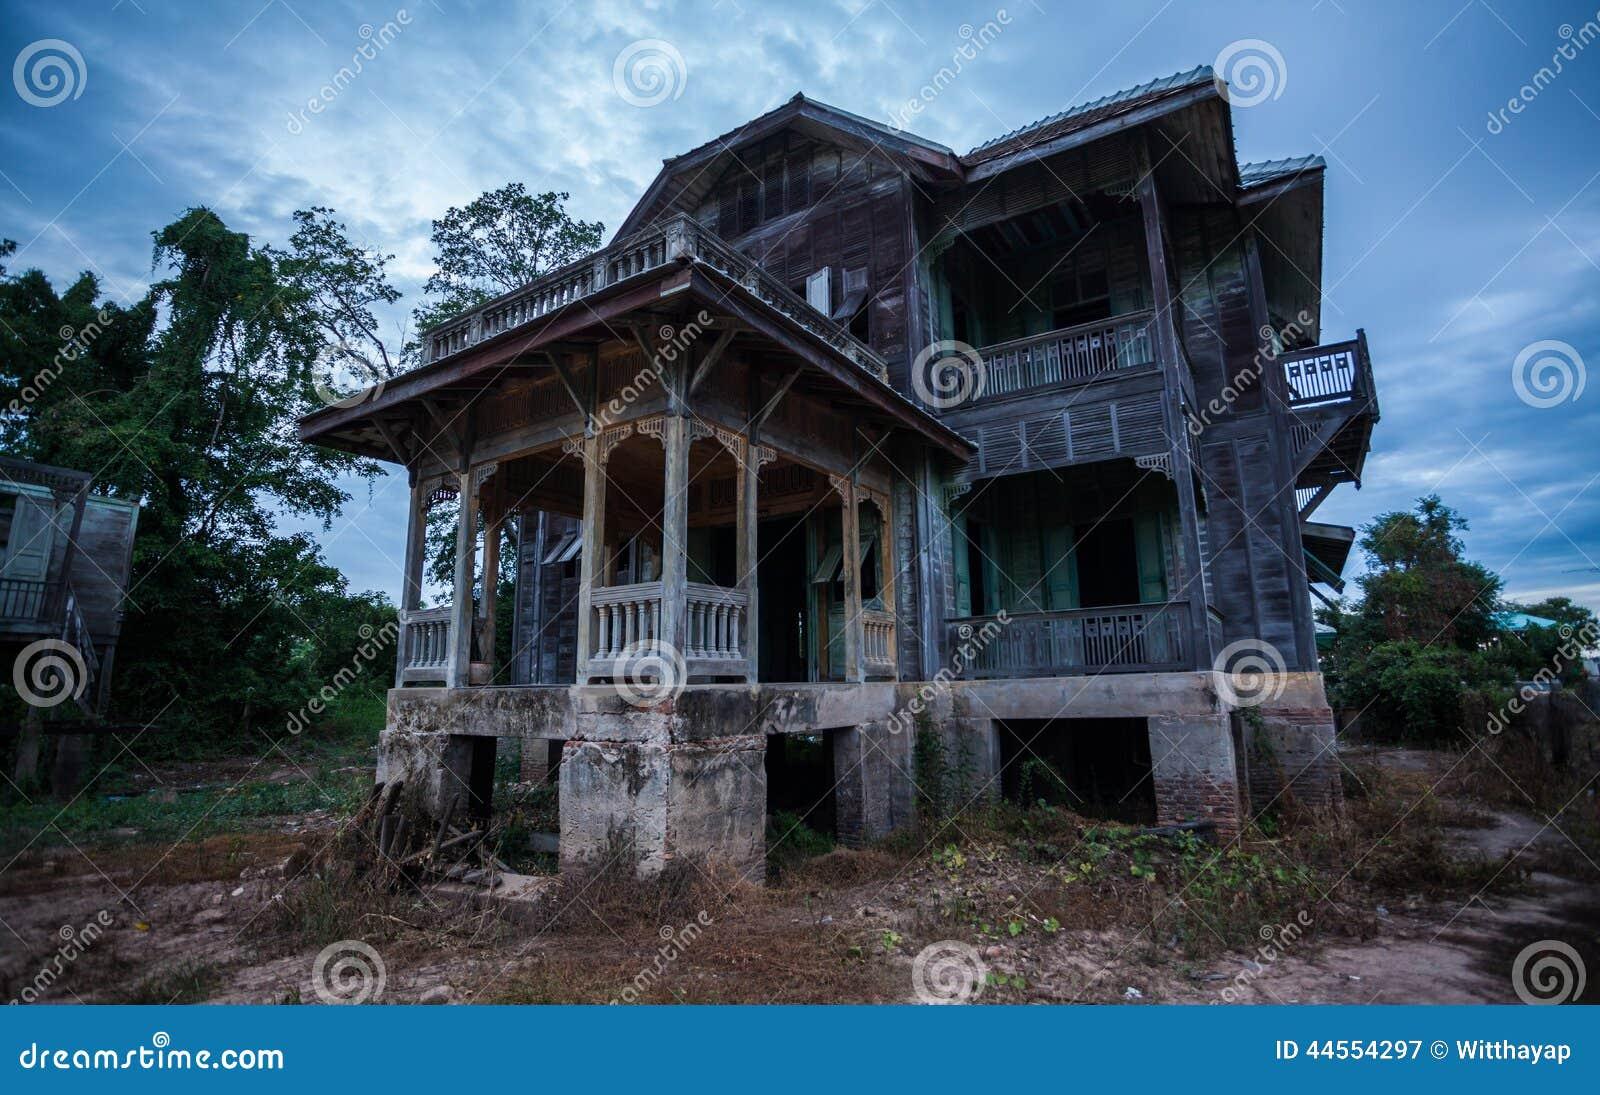 Verlaten Oud Huis